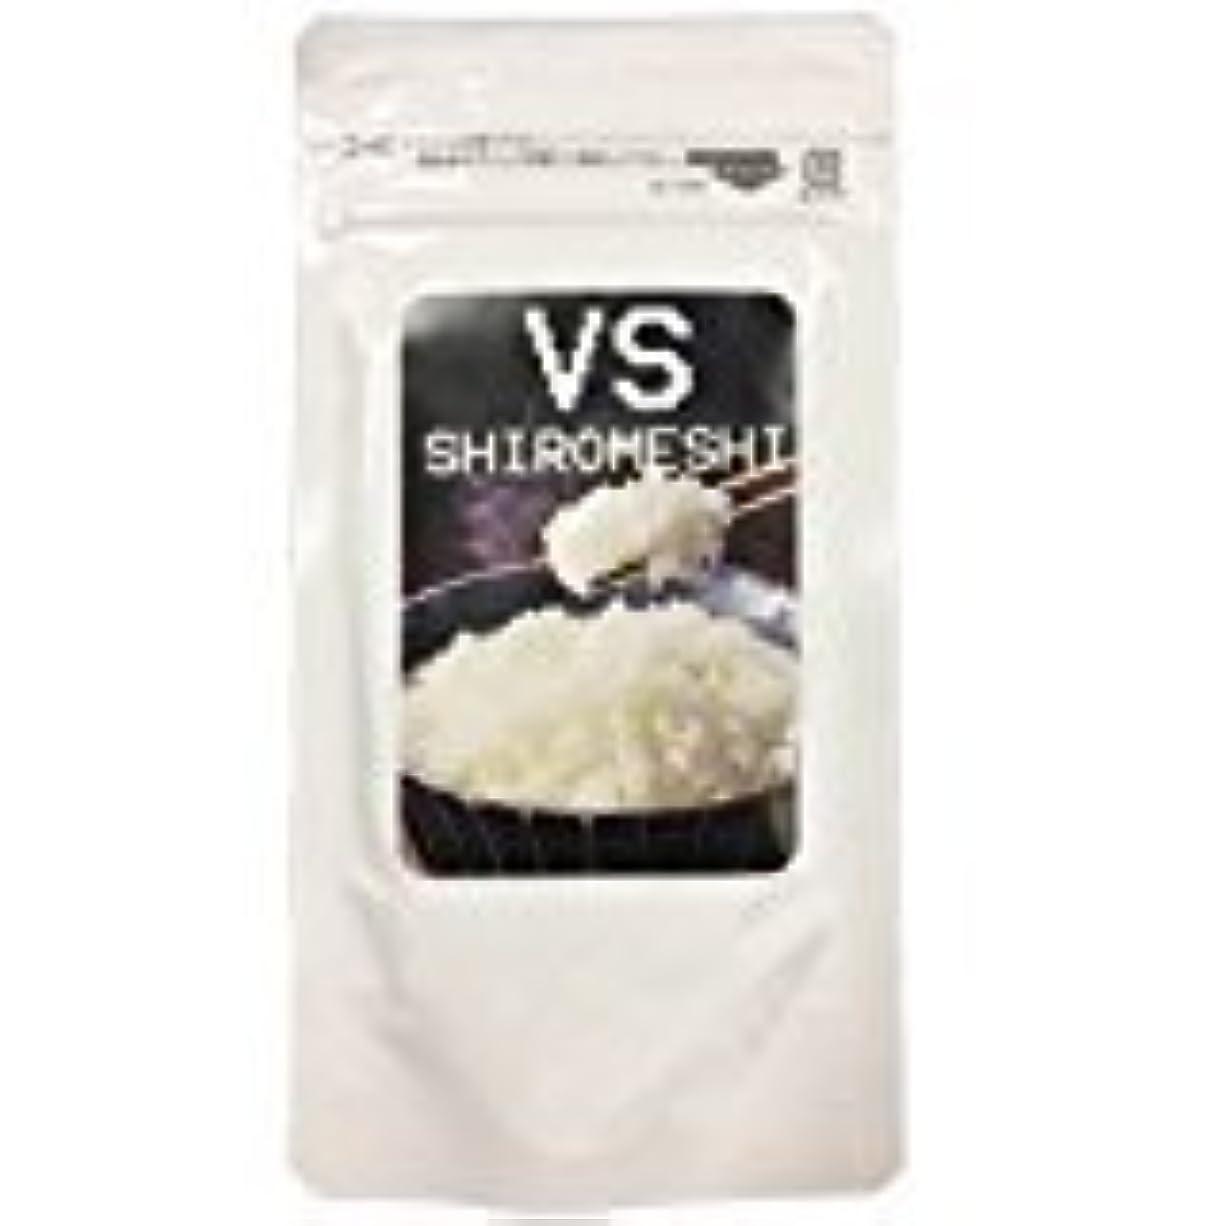 適応するクラス和VS SHIROMESHI